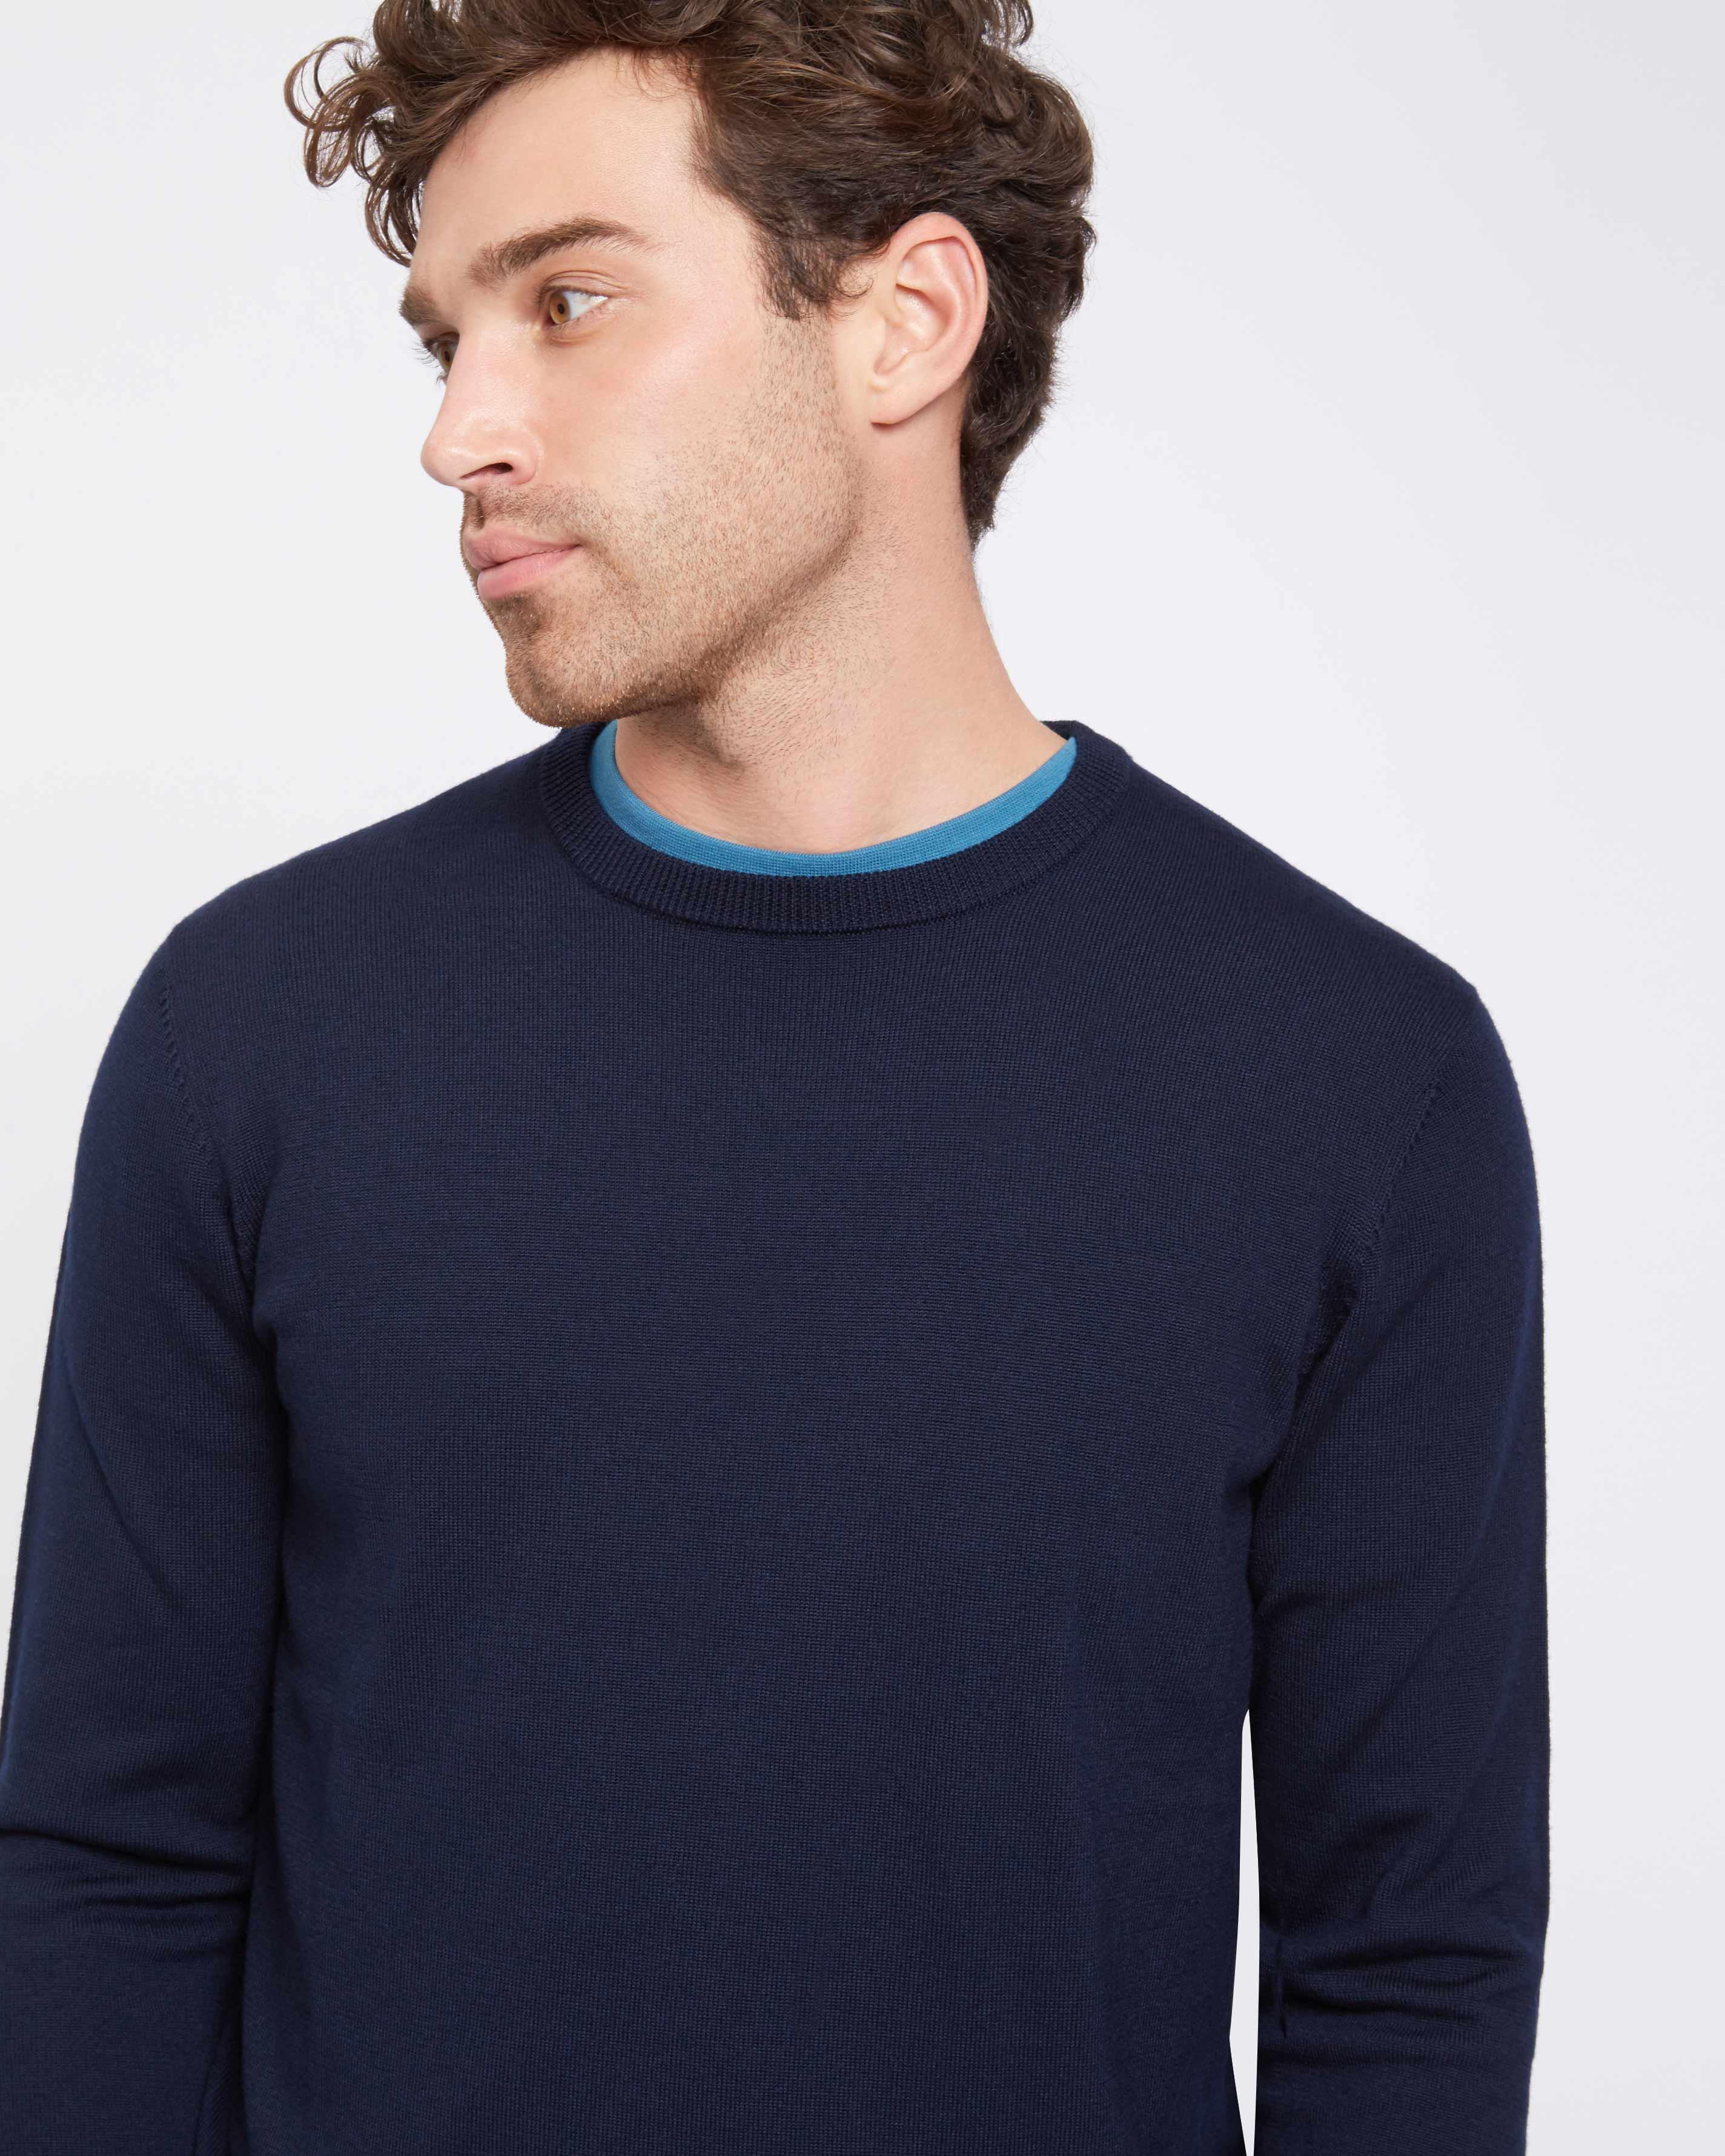 Jaeger Wool Merino Contrast Crew Neck Sweater in Navy (Blue) for Men